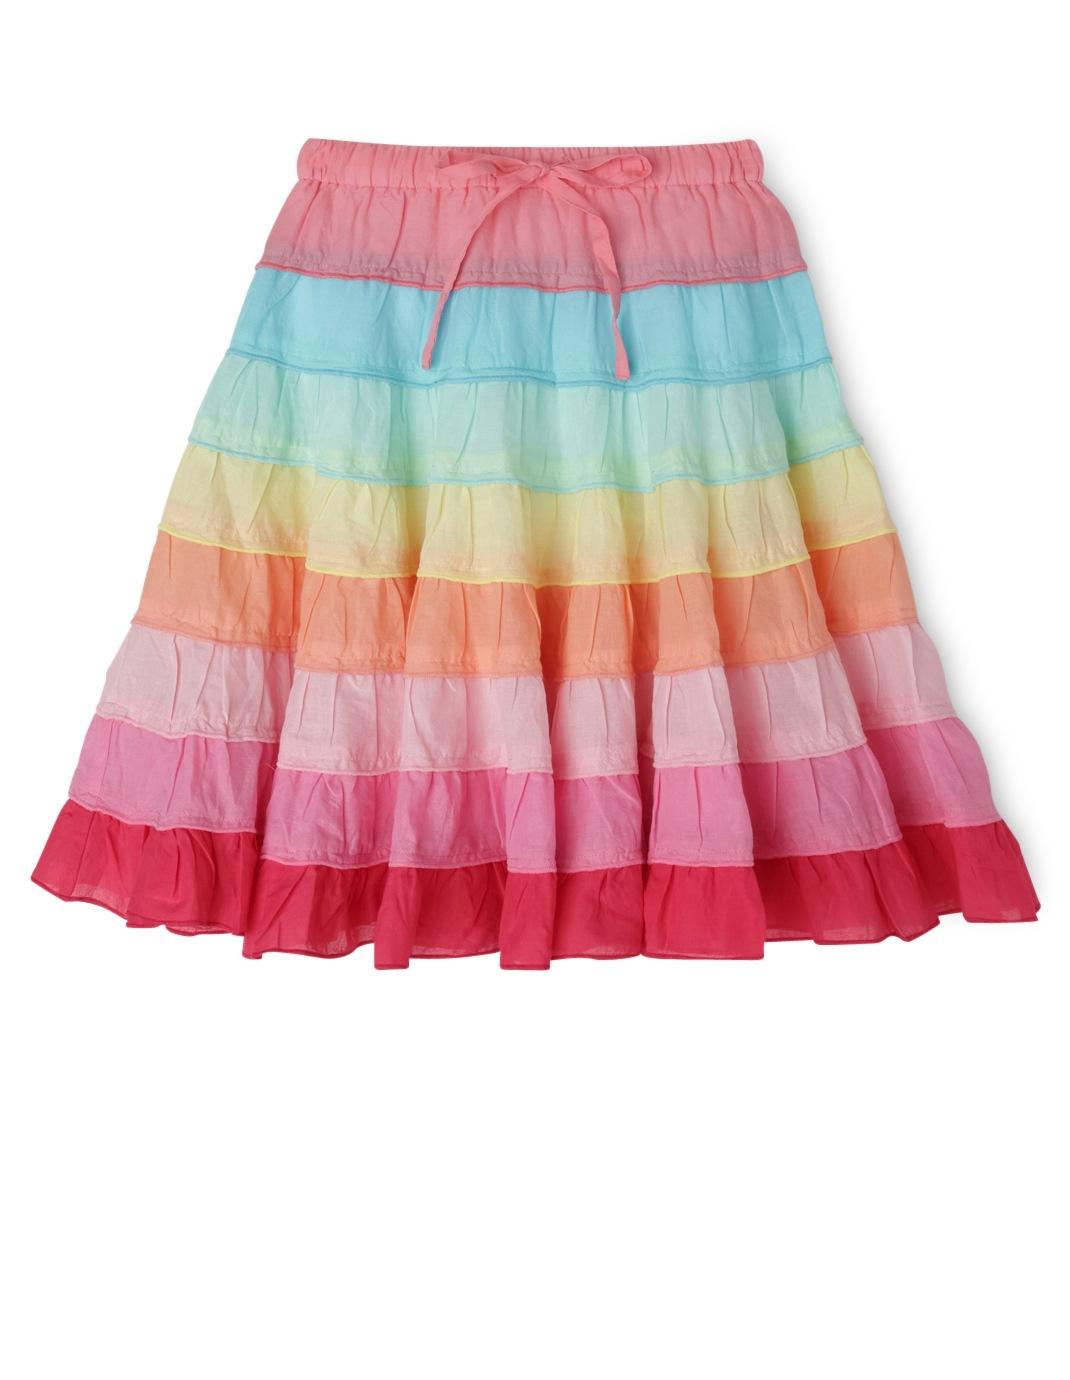 Milkshake Rainbow Skirt Myer Online